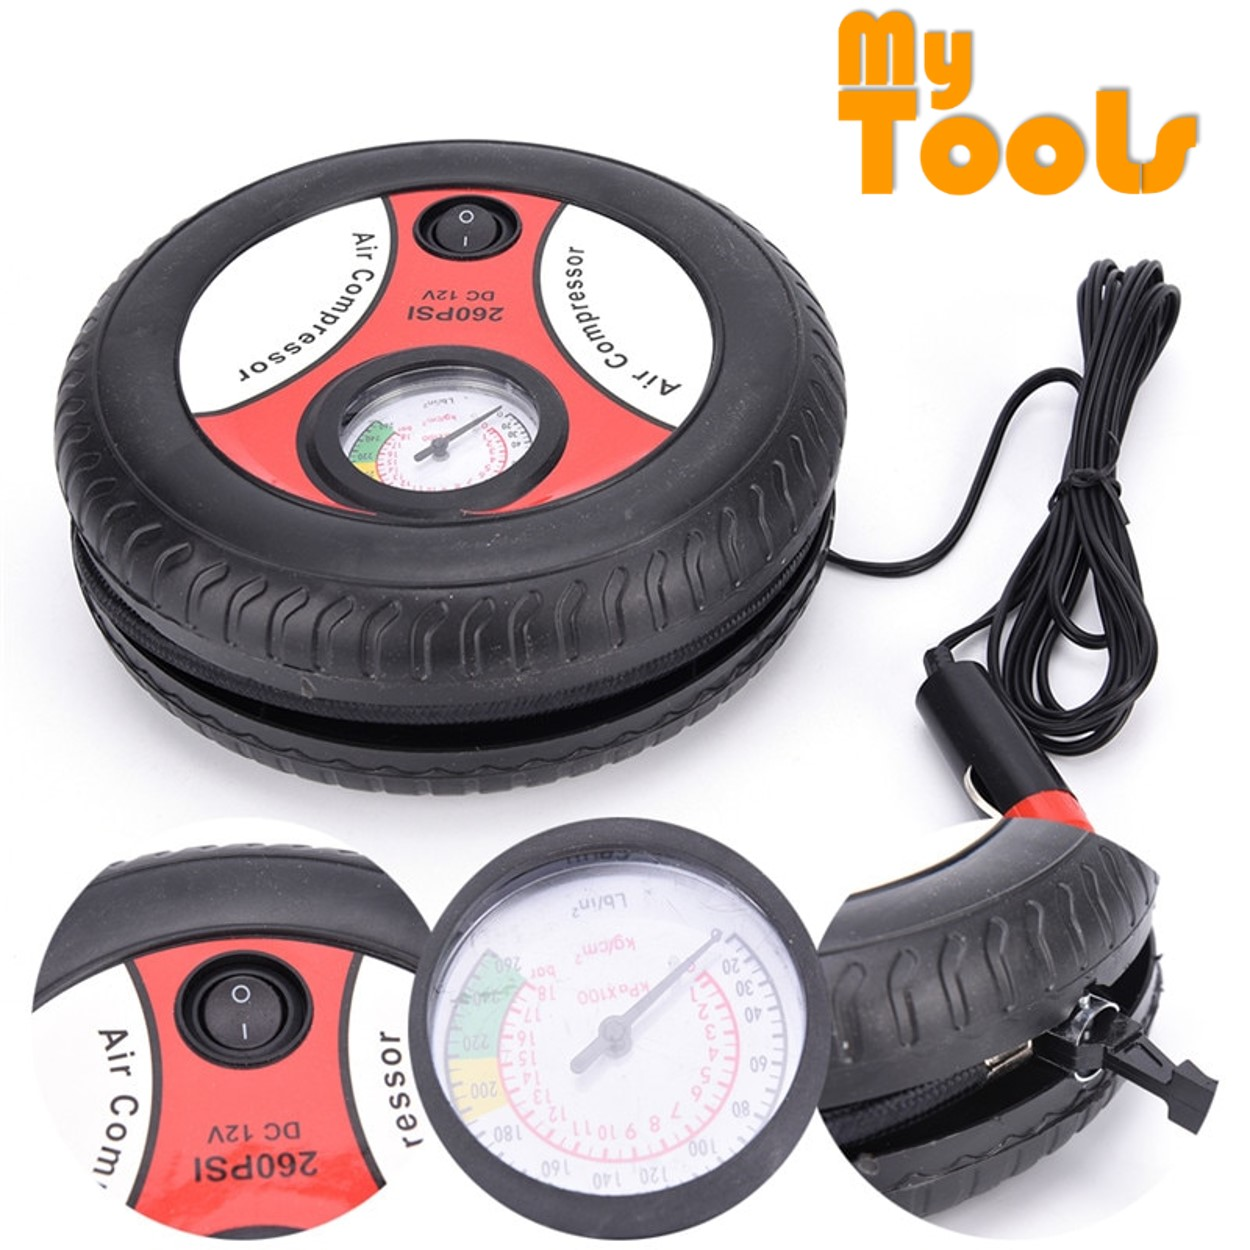 Mytools DC Electric Car Pump Tire Inflator Mini Air Compressor